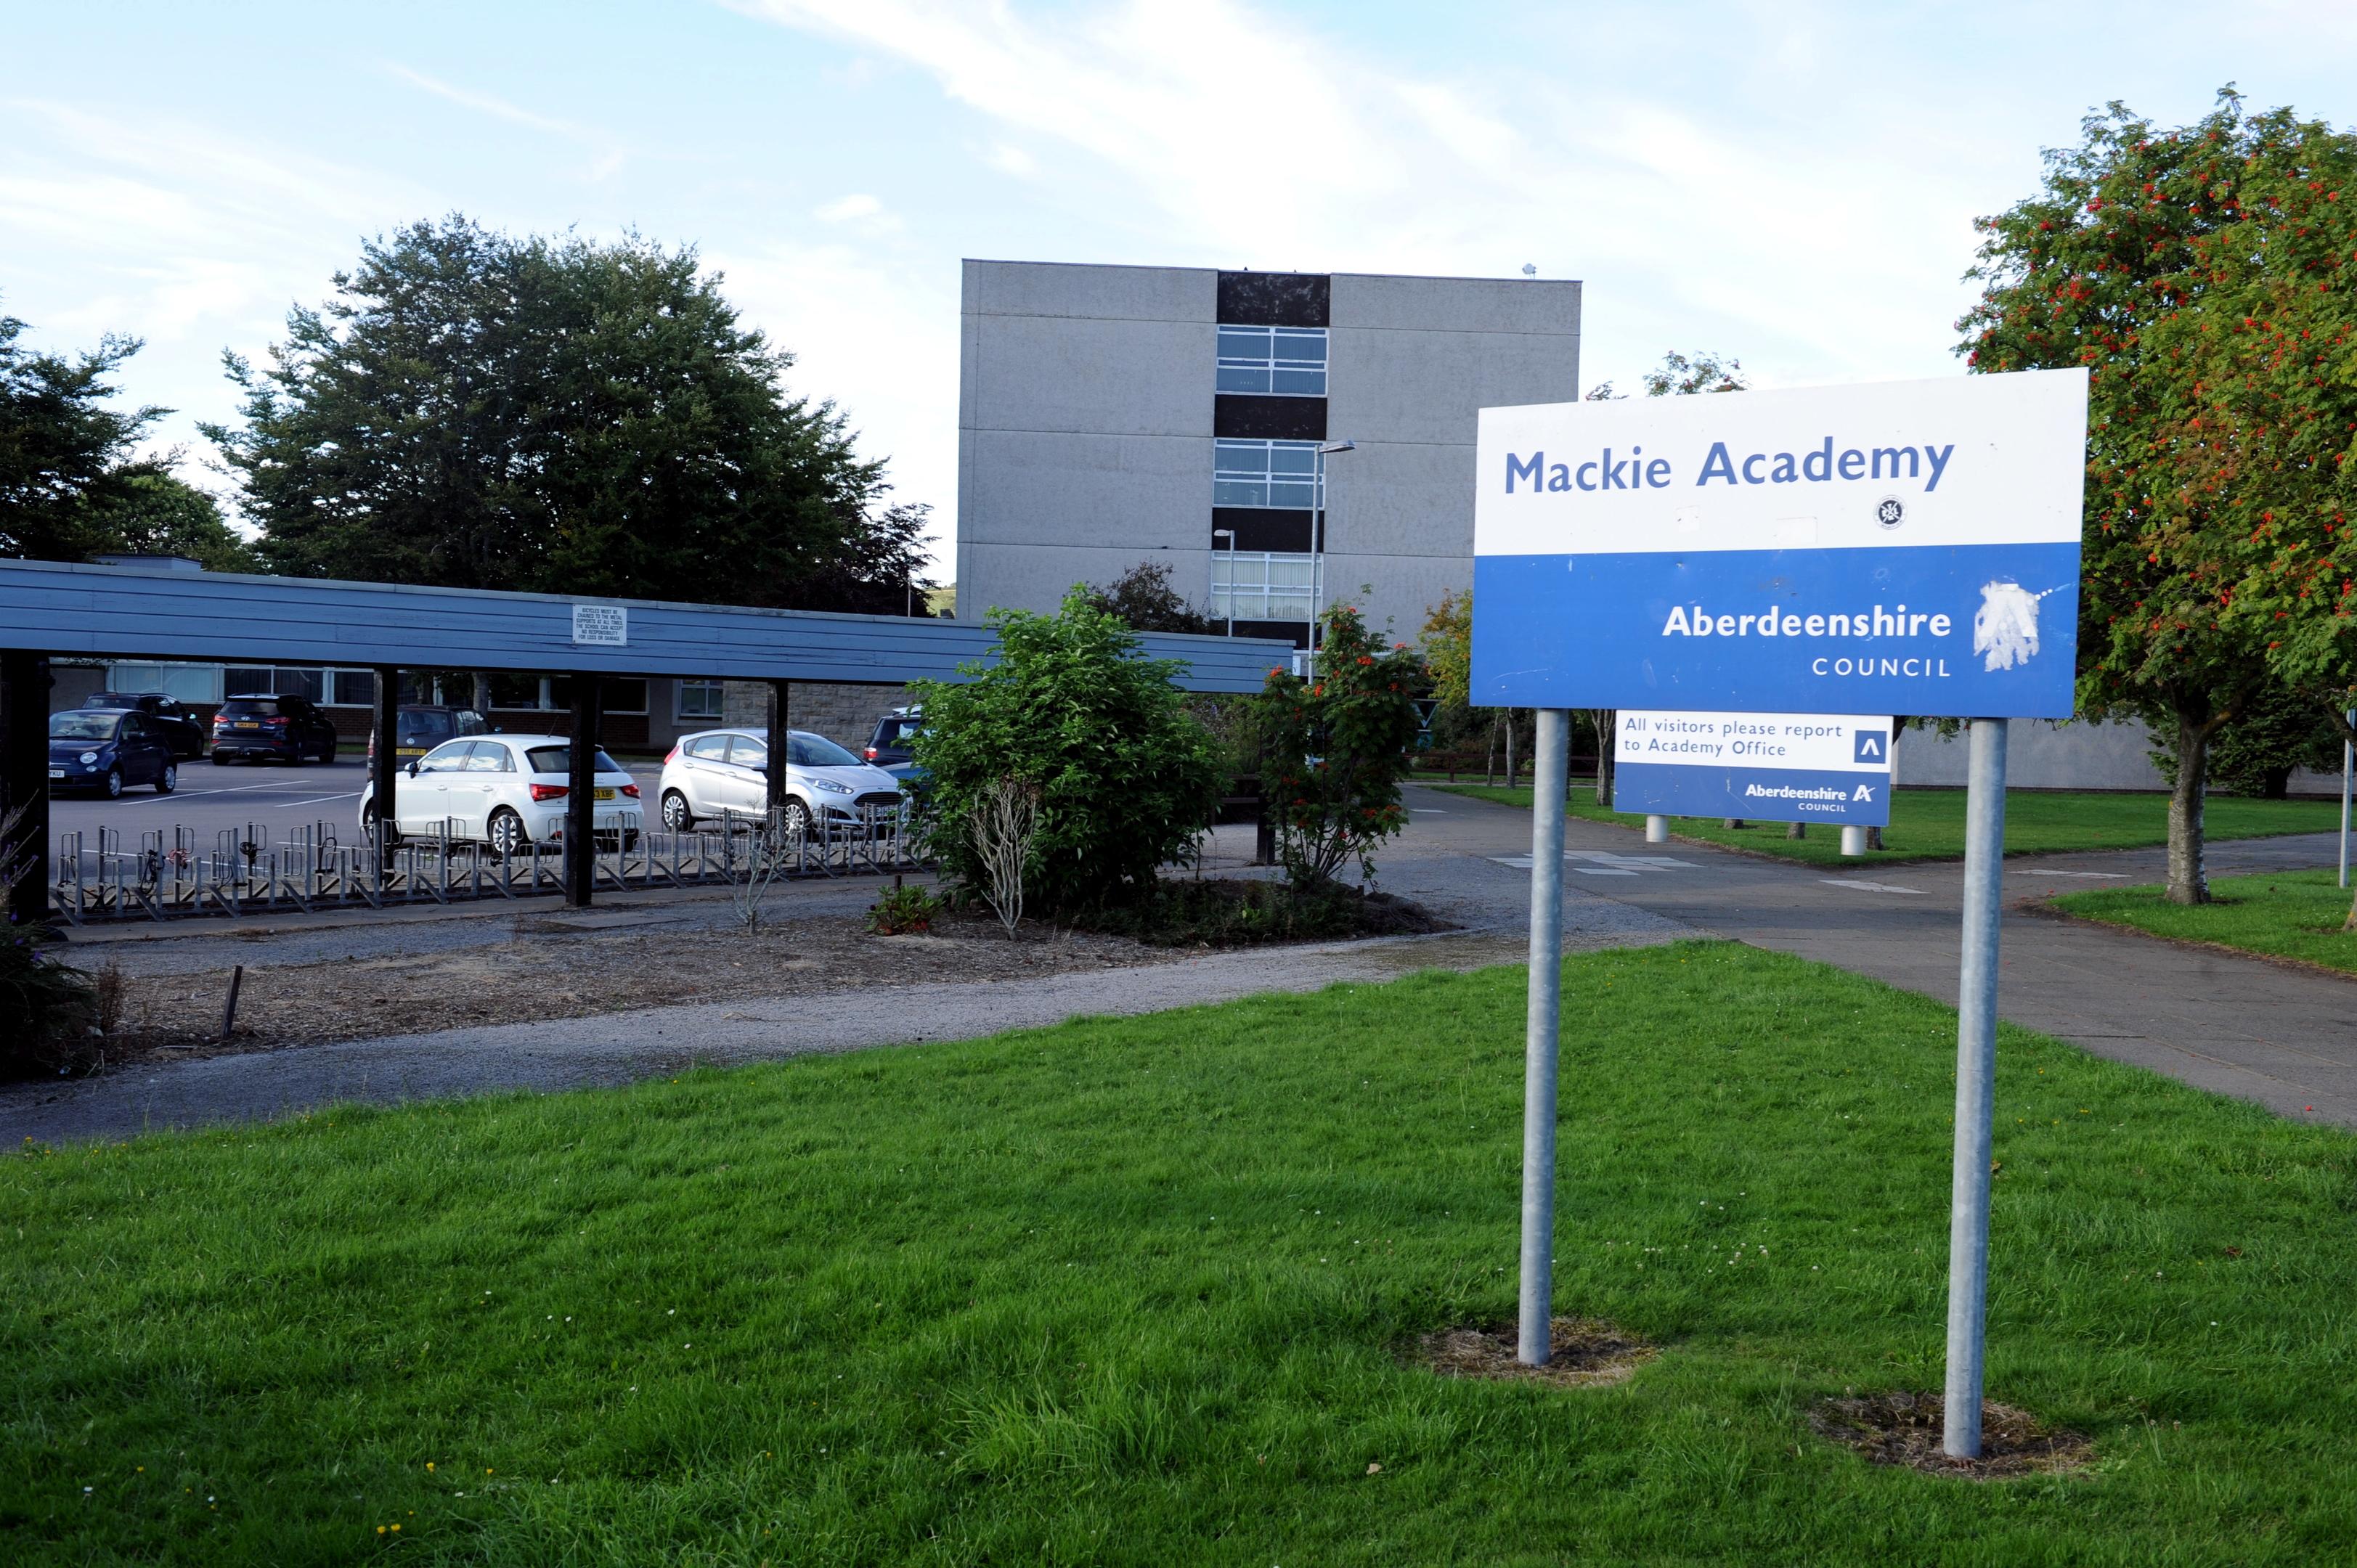 Mackie Academy